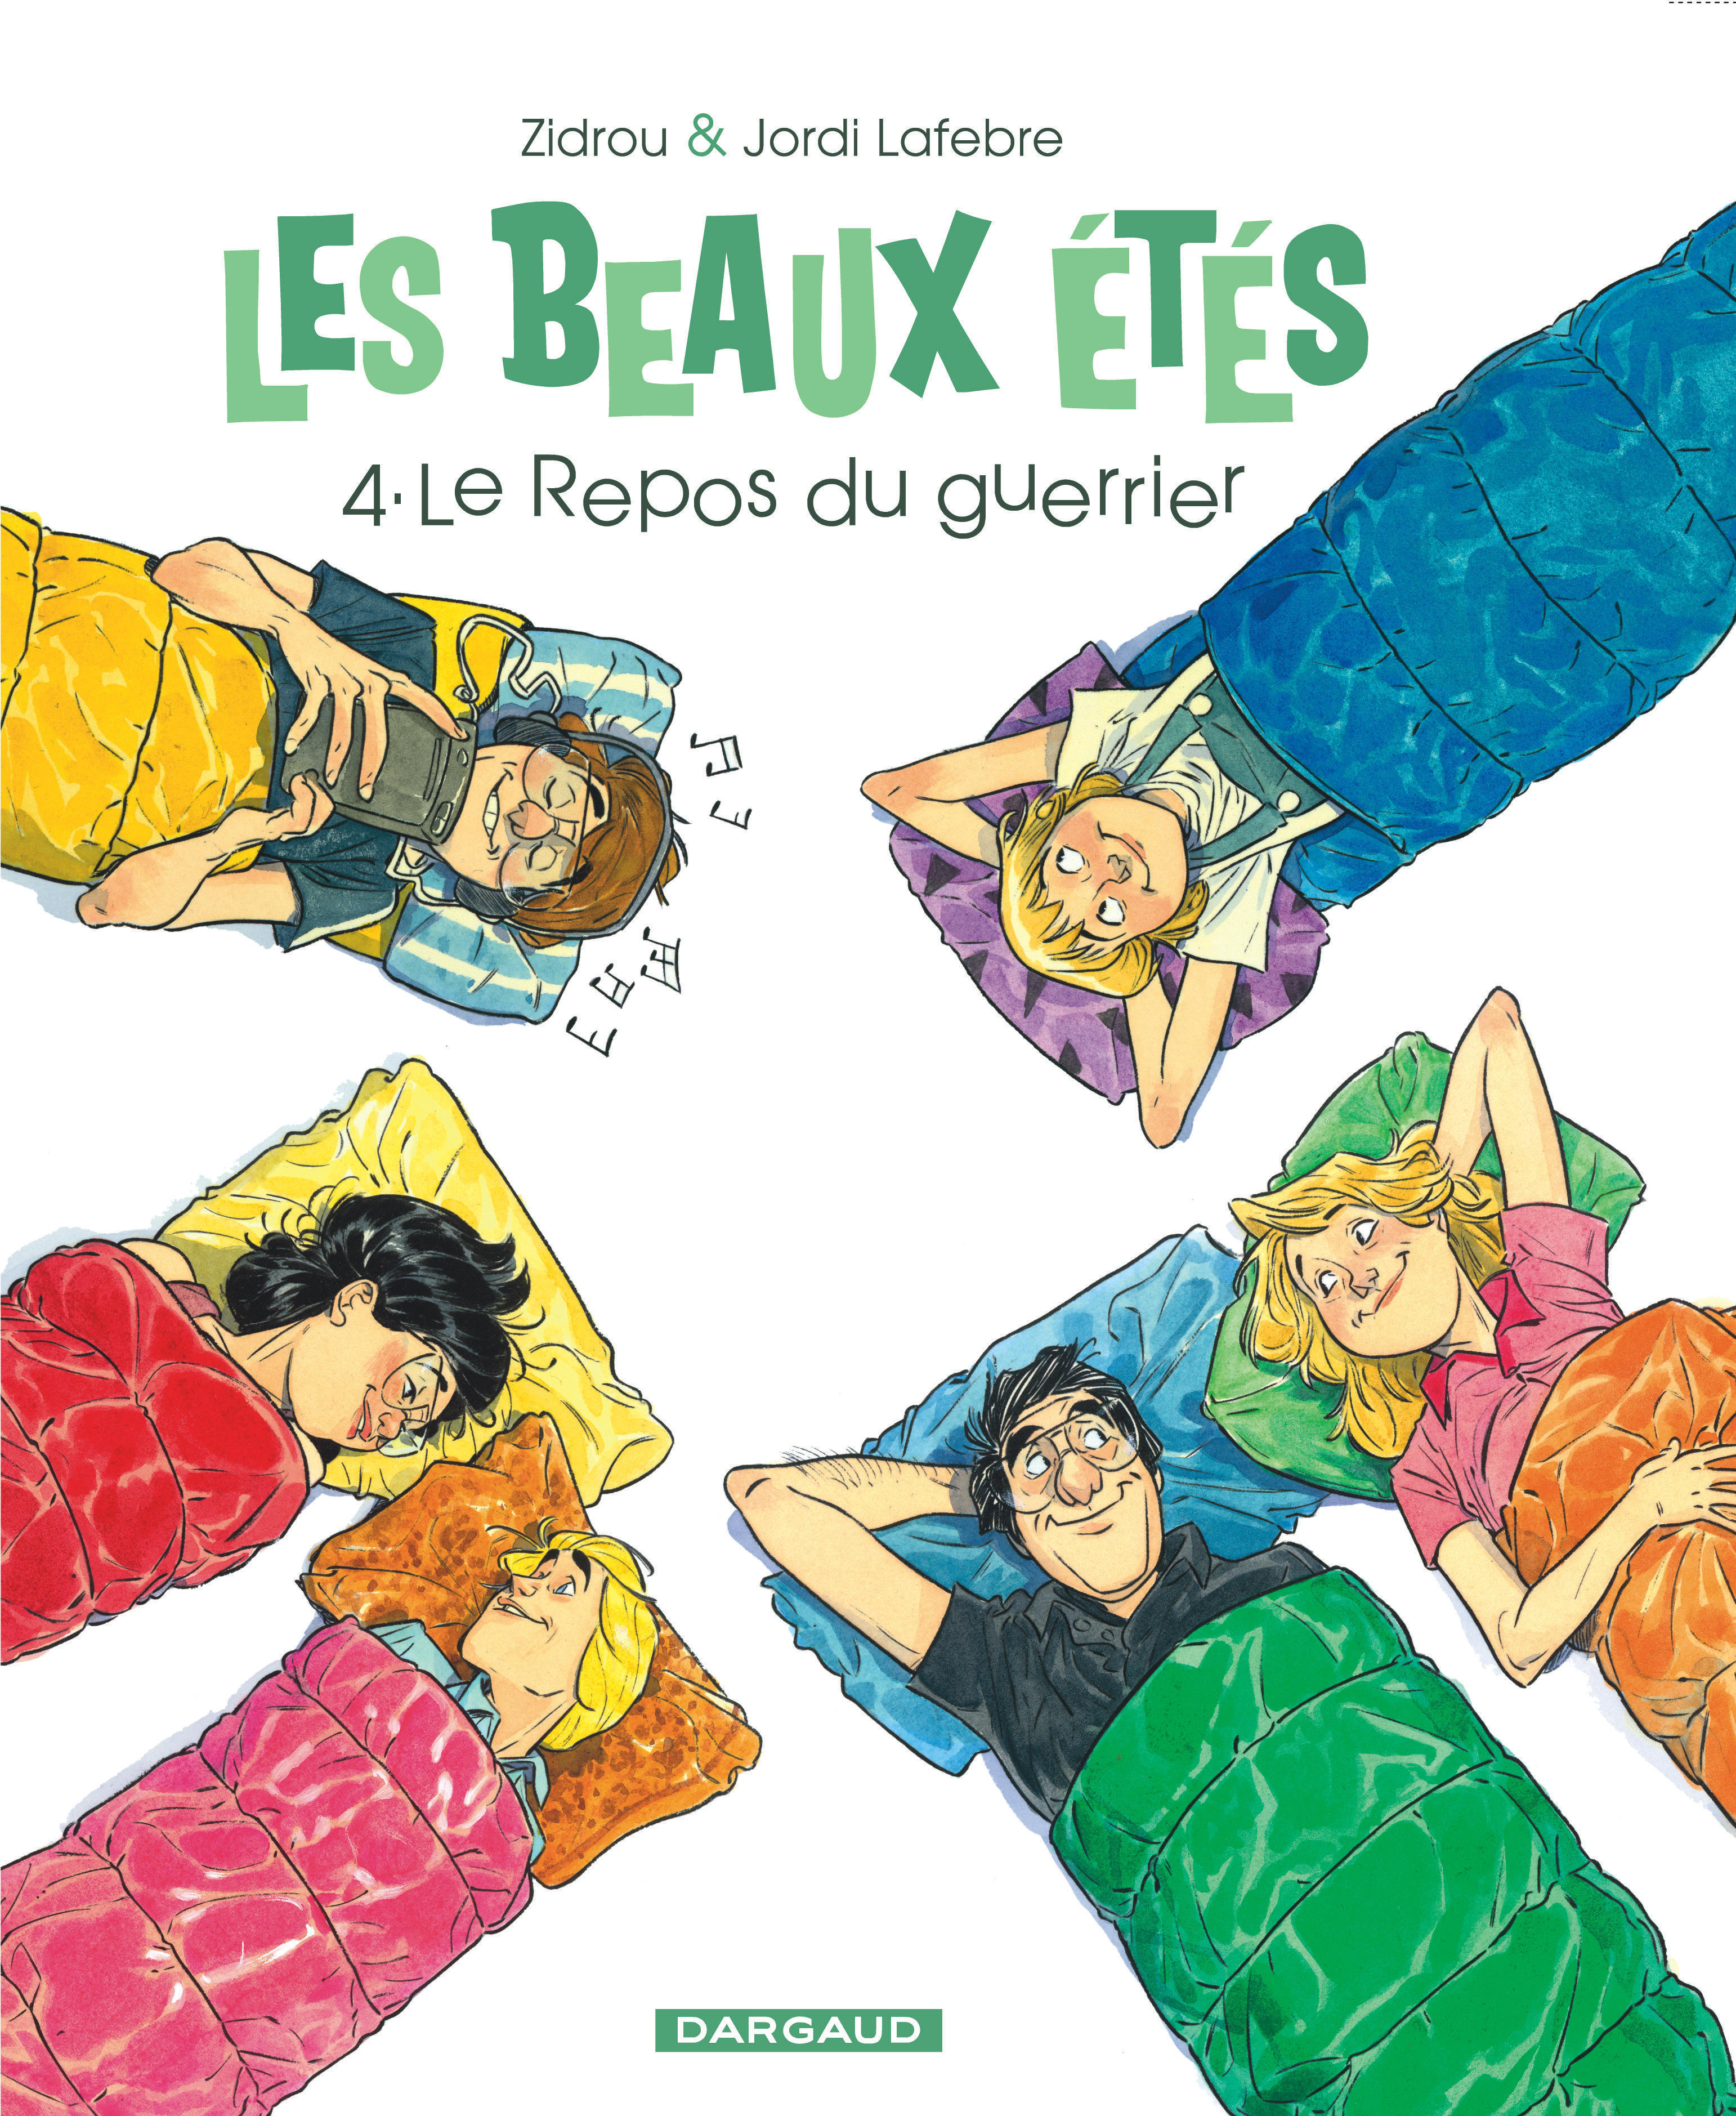 LES BEAUX ETES - LES BEAUX ETES - TOME 4 - REPOS DU GUERRIER (LE)